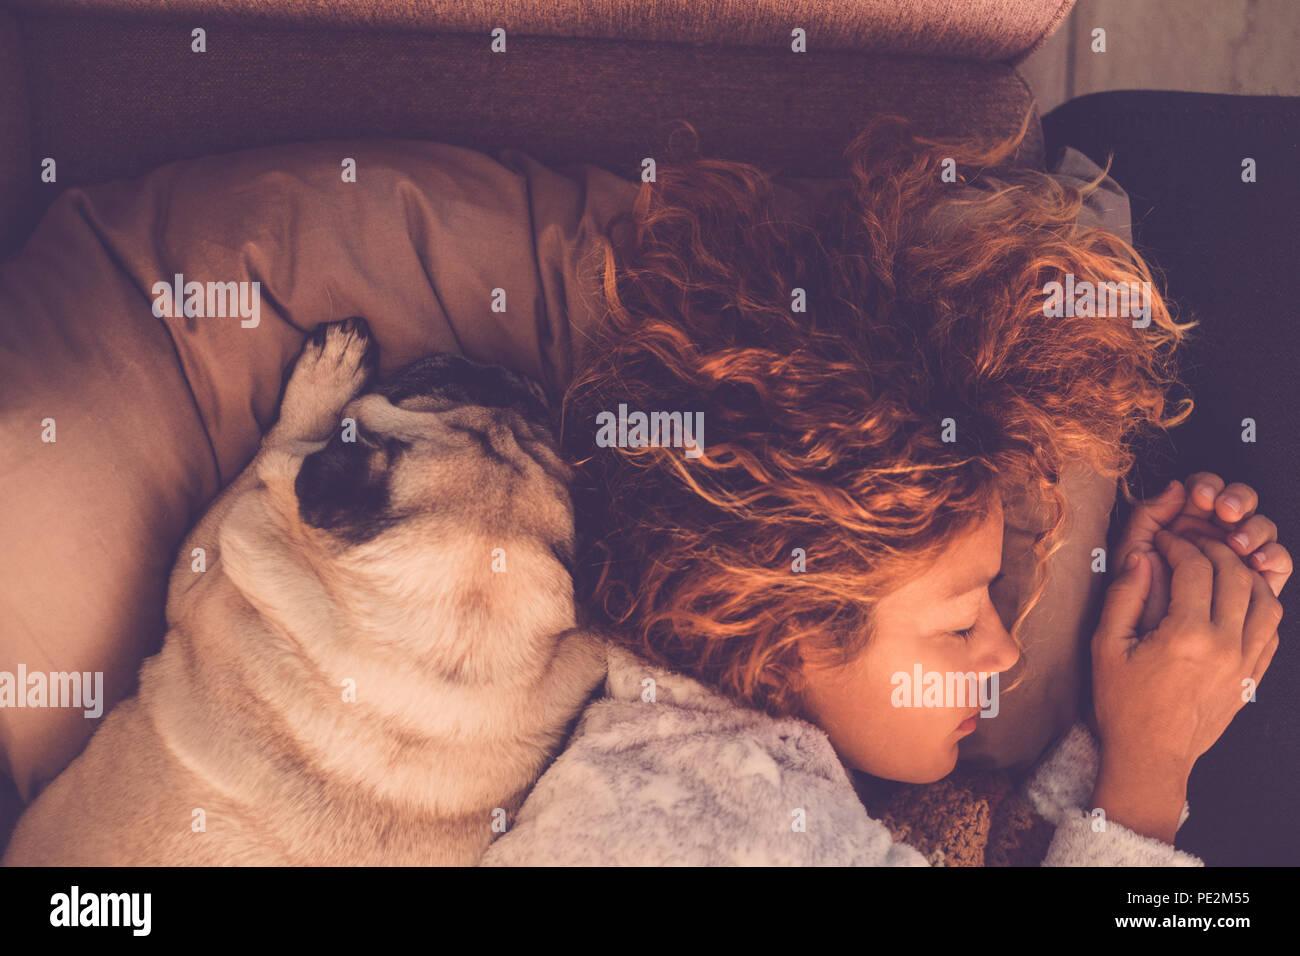 Freundschaft Konzepte für 40s Frau schlafen mit Ihrem besten Freunden mops Hund zu Hause. Sowohl auf dem Kissen und Braun, warmen Farbtönen. Träumen zusammen. Liebe und Stockfoto